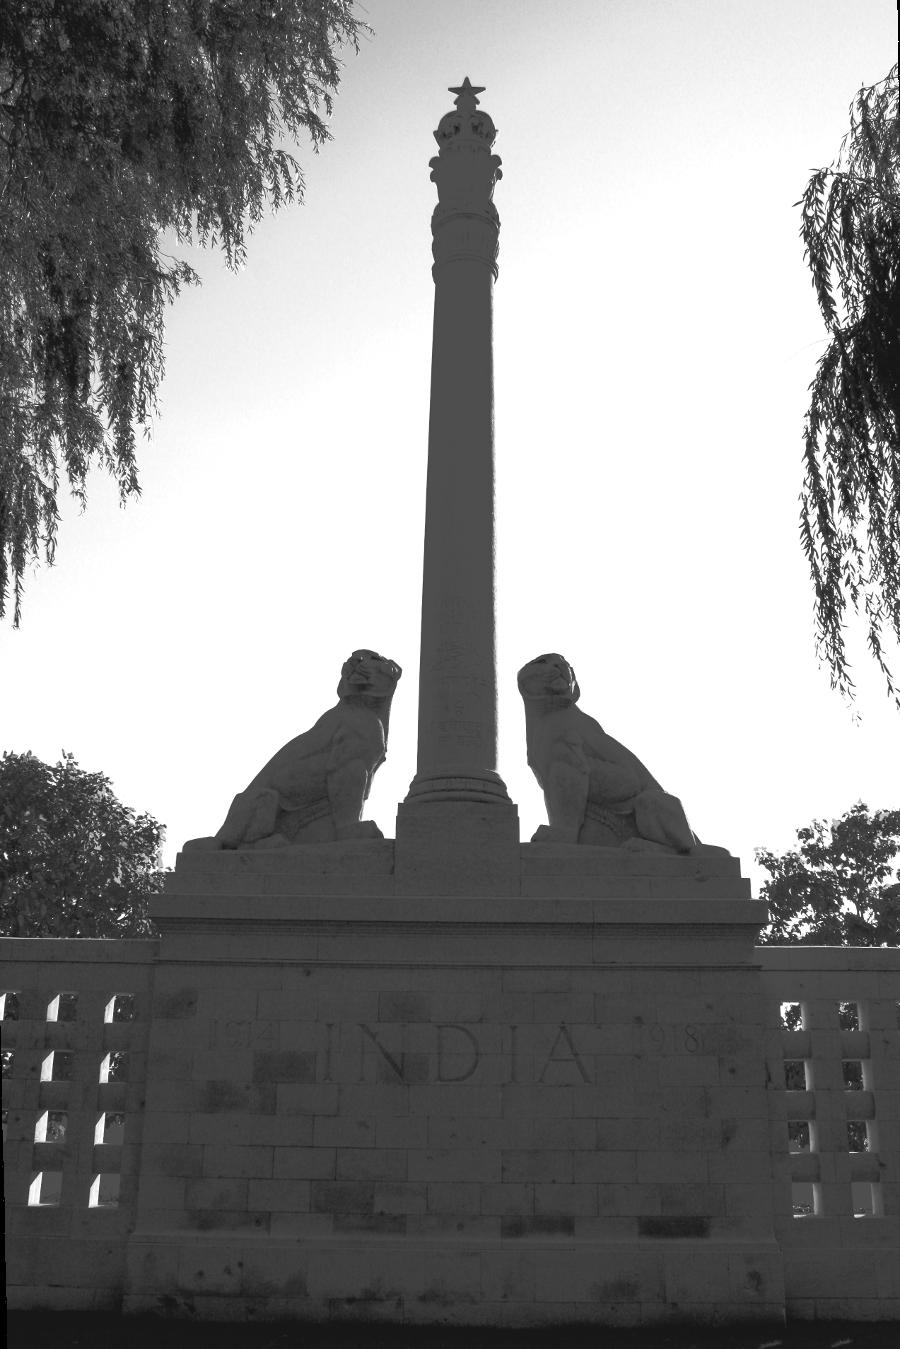 monument indien, neuve chapelle, balade historique, www.balades-historiques.com